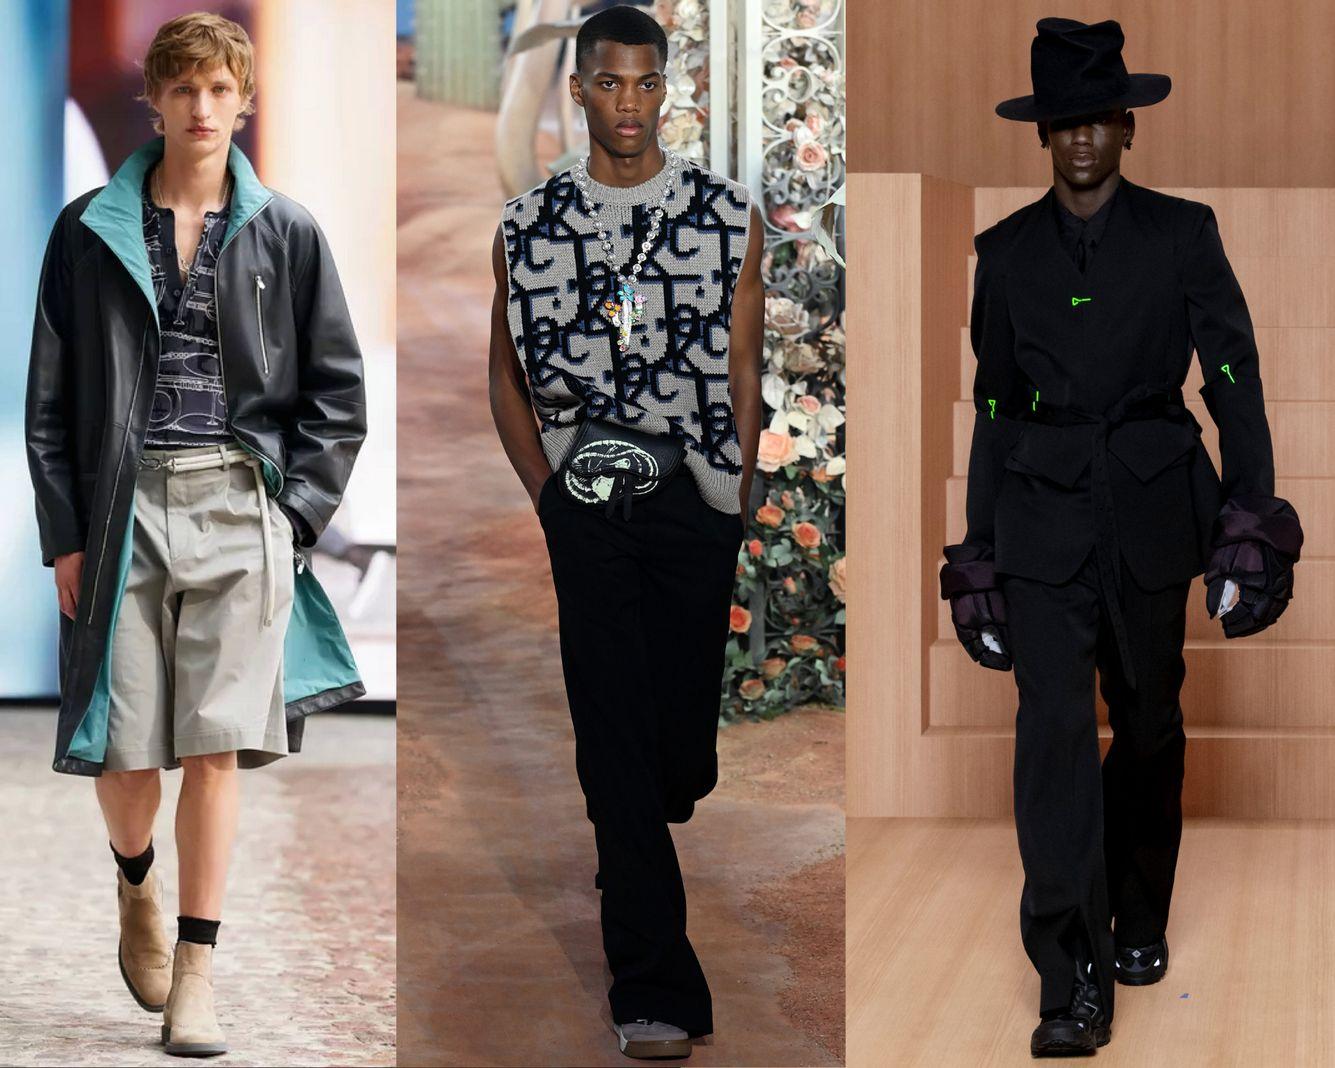 Männer-Mode-Trends 2022